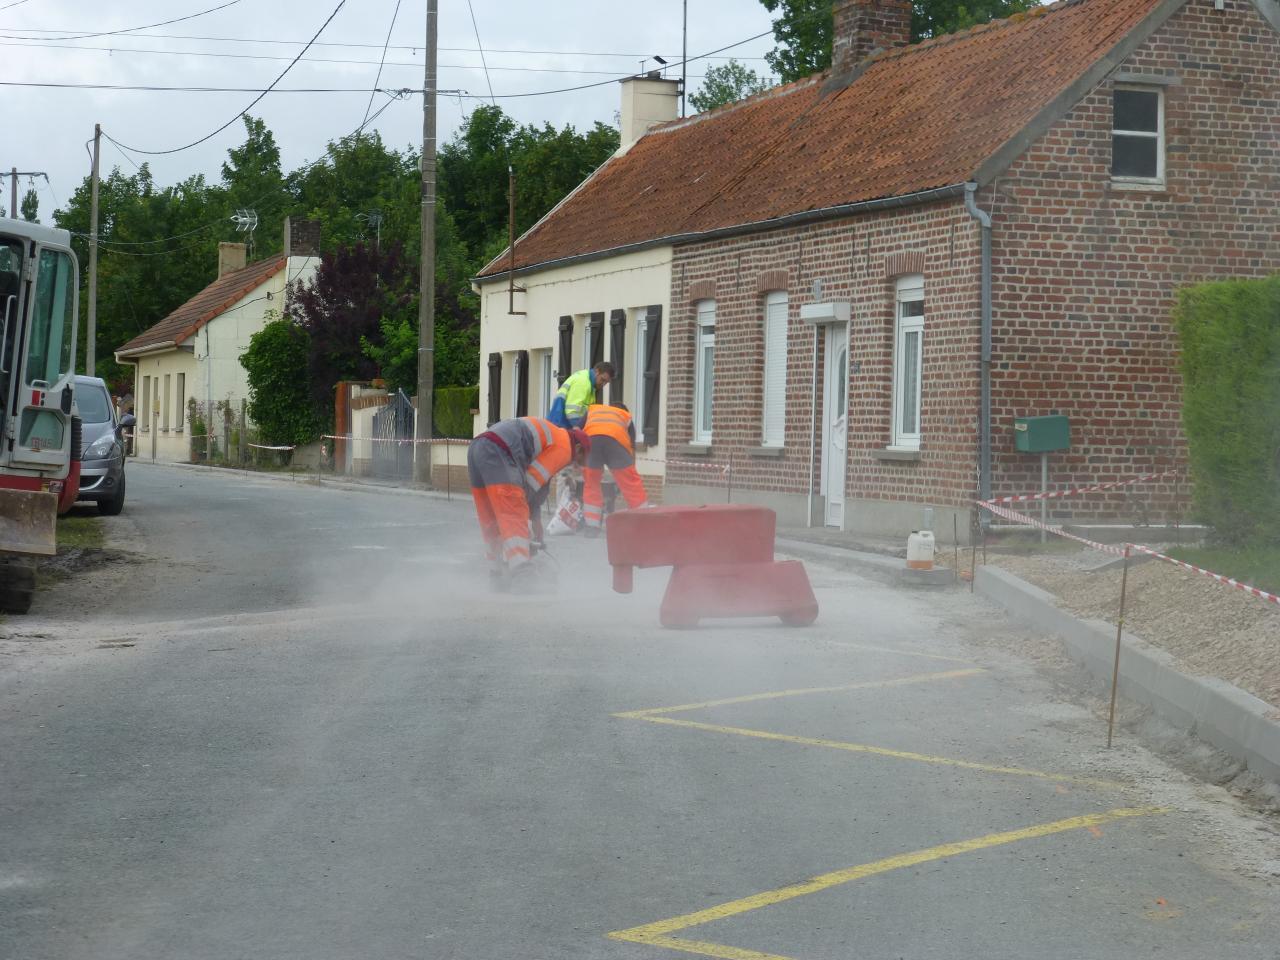 Rue de vincq phase 2 (11)